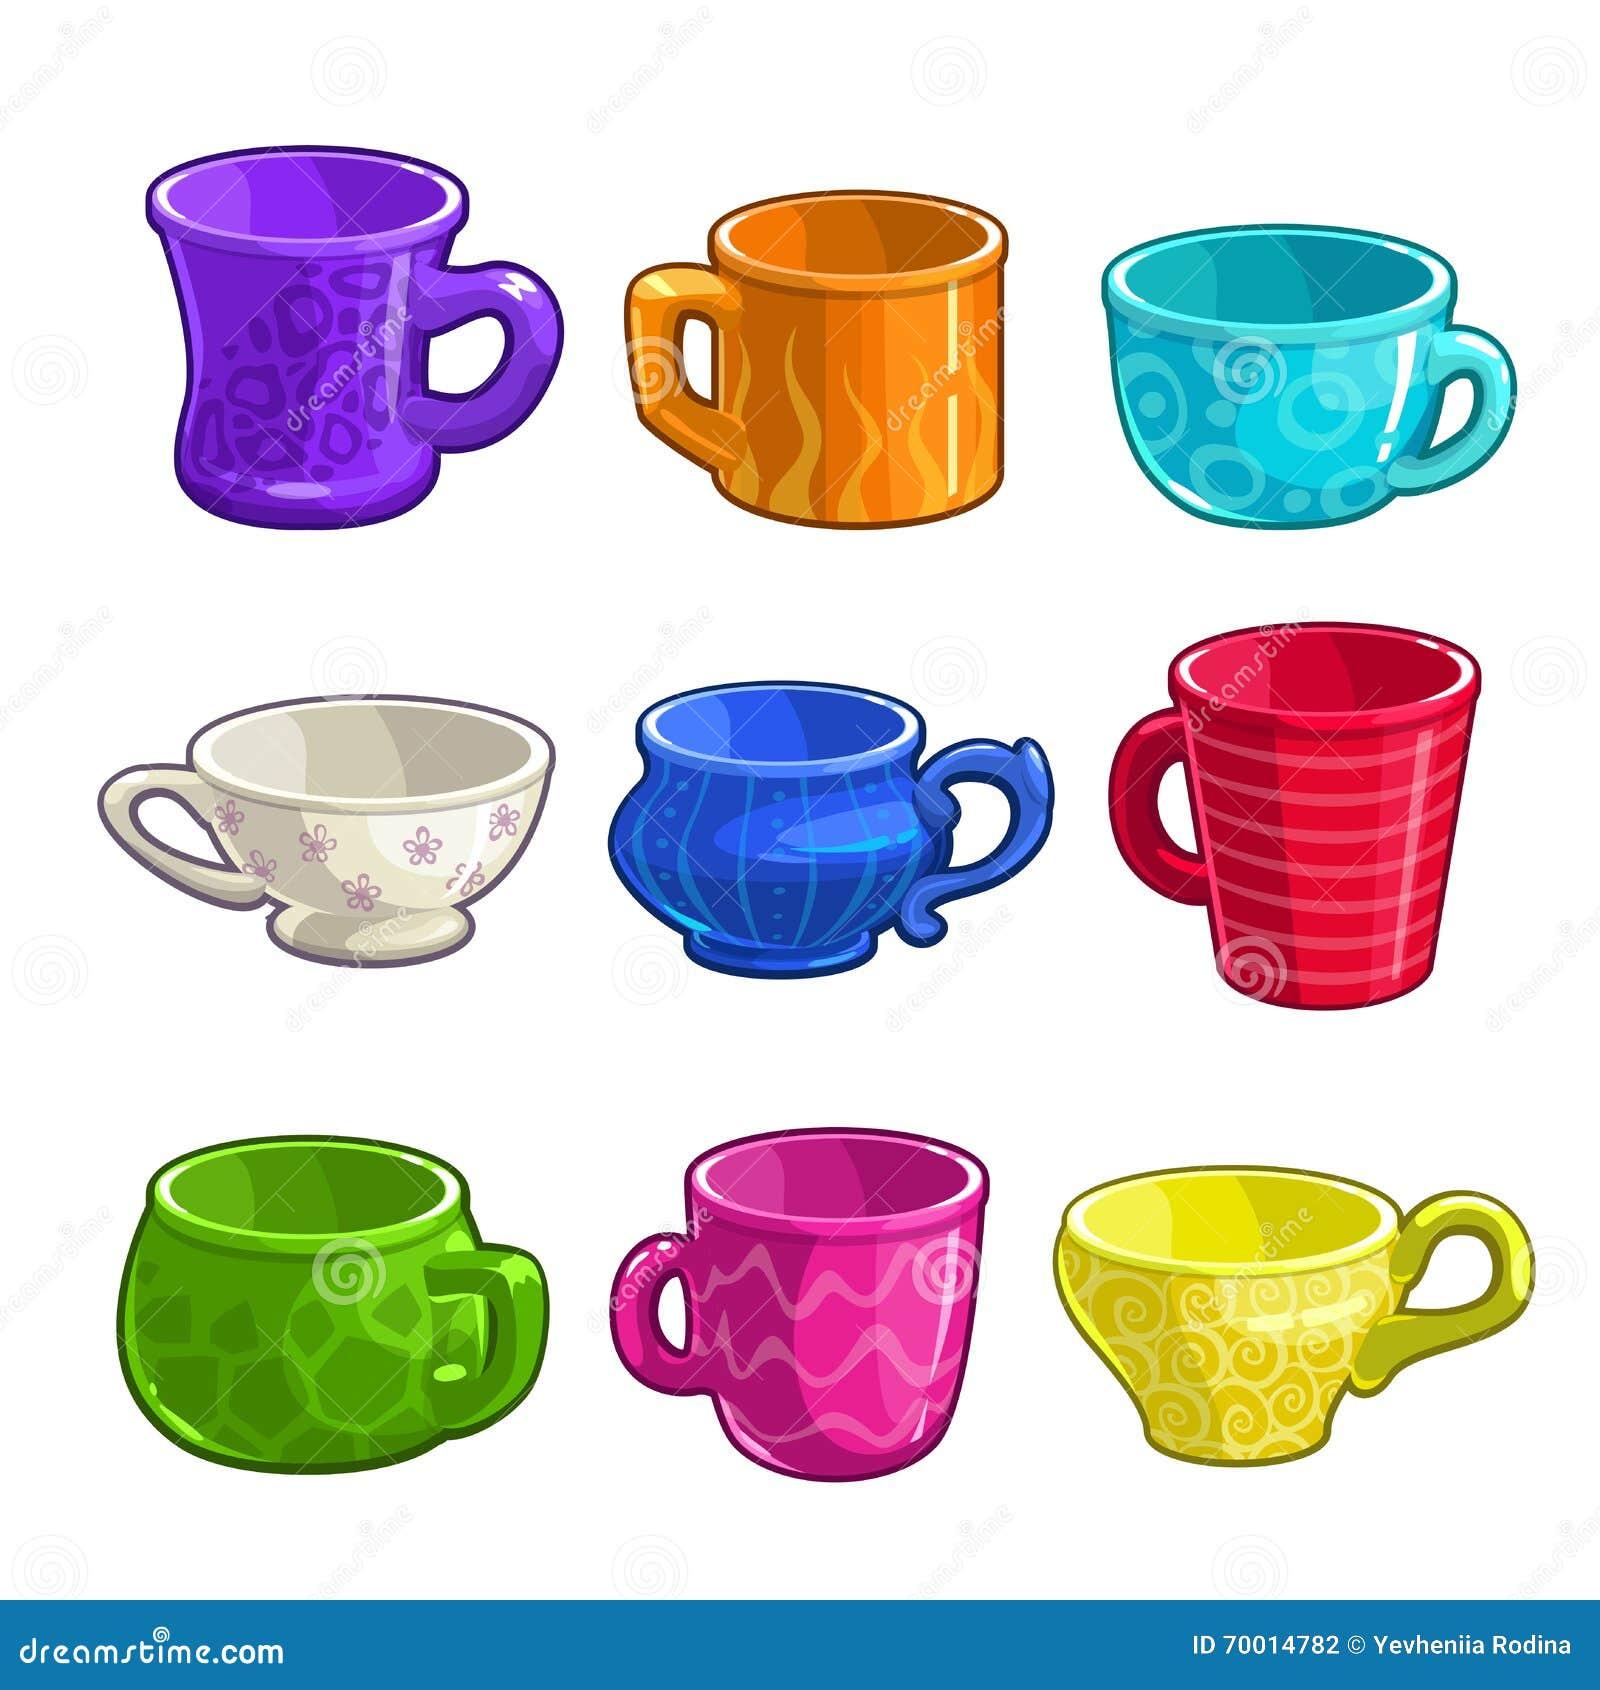 Αστεία φλυτζάνια τσαγιού και καφέ κινούμενων σχεδίων ζωηρόχρωμα